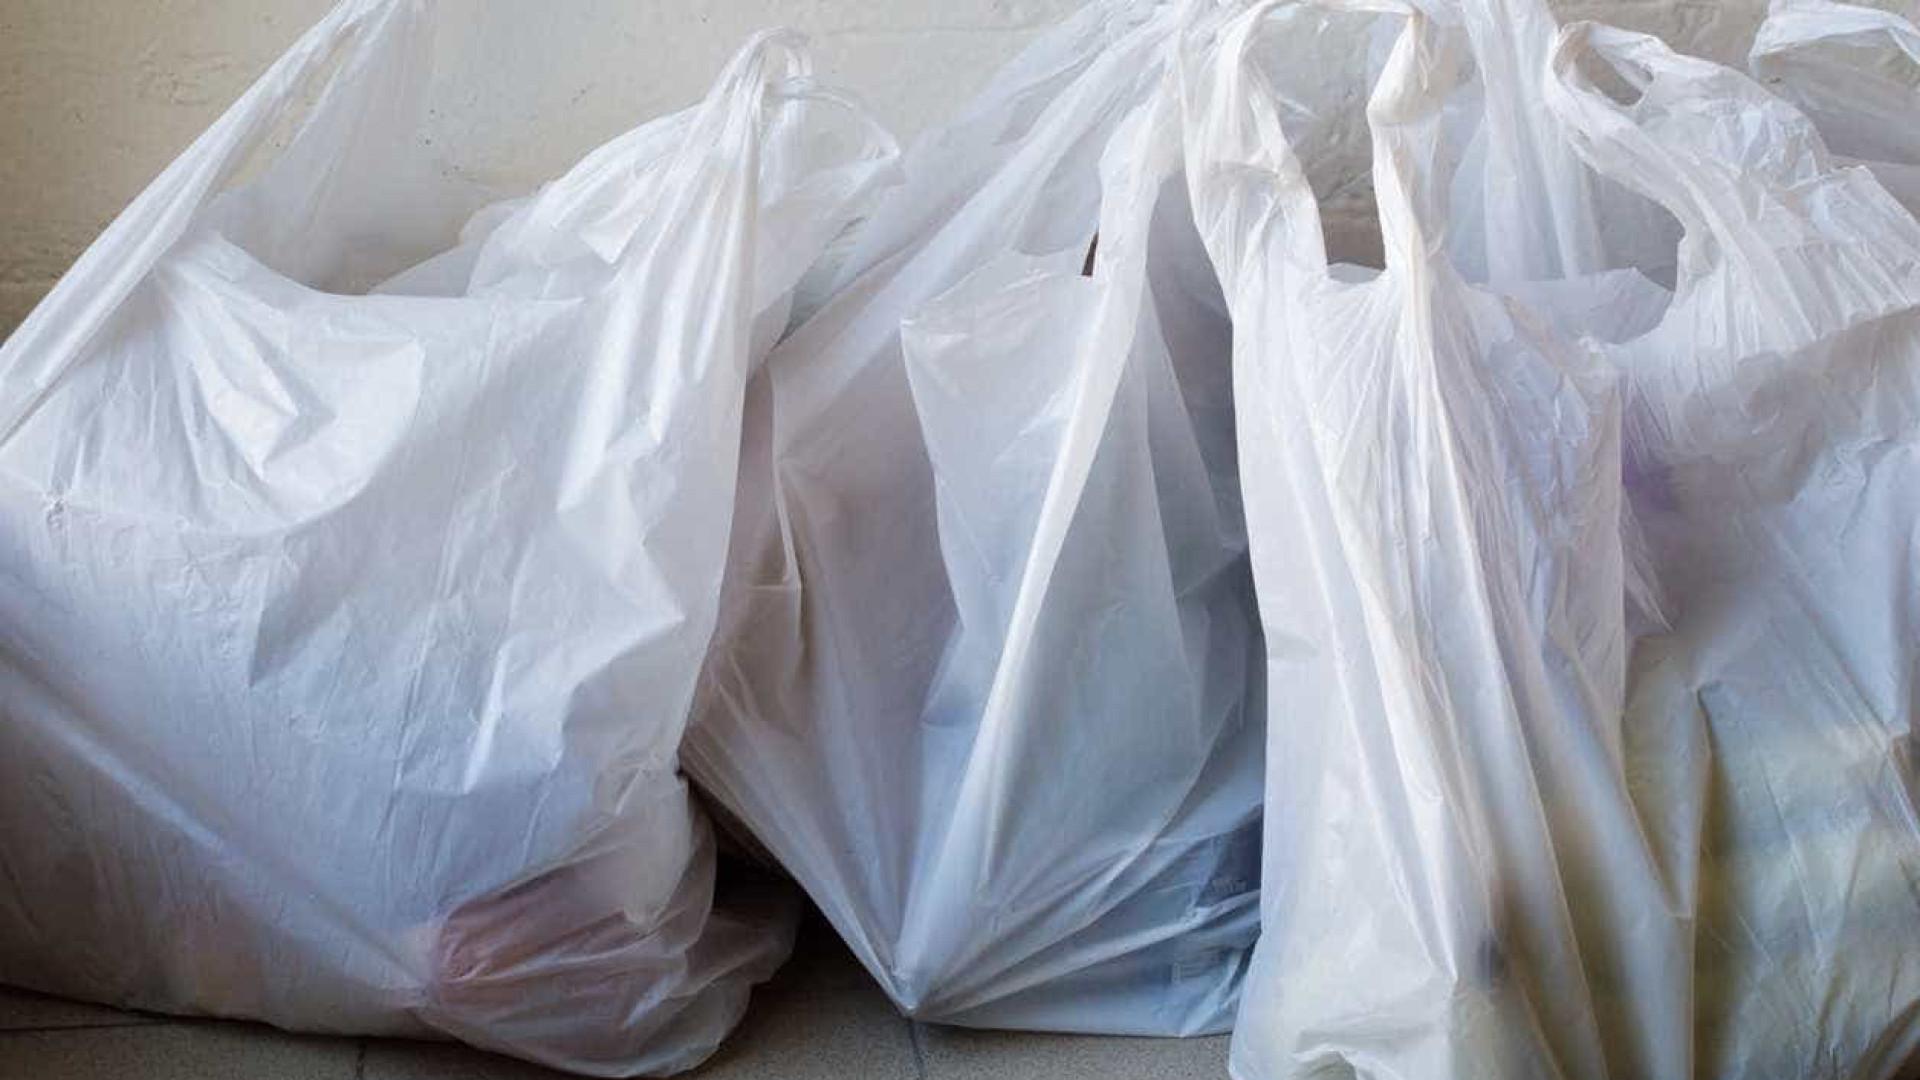 """Chumbar aumento de preço dos sacos de plástico é """"passo atrás"""""""